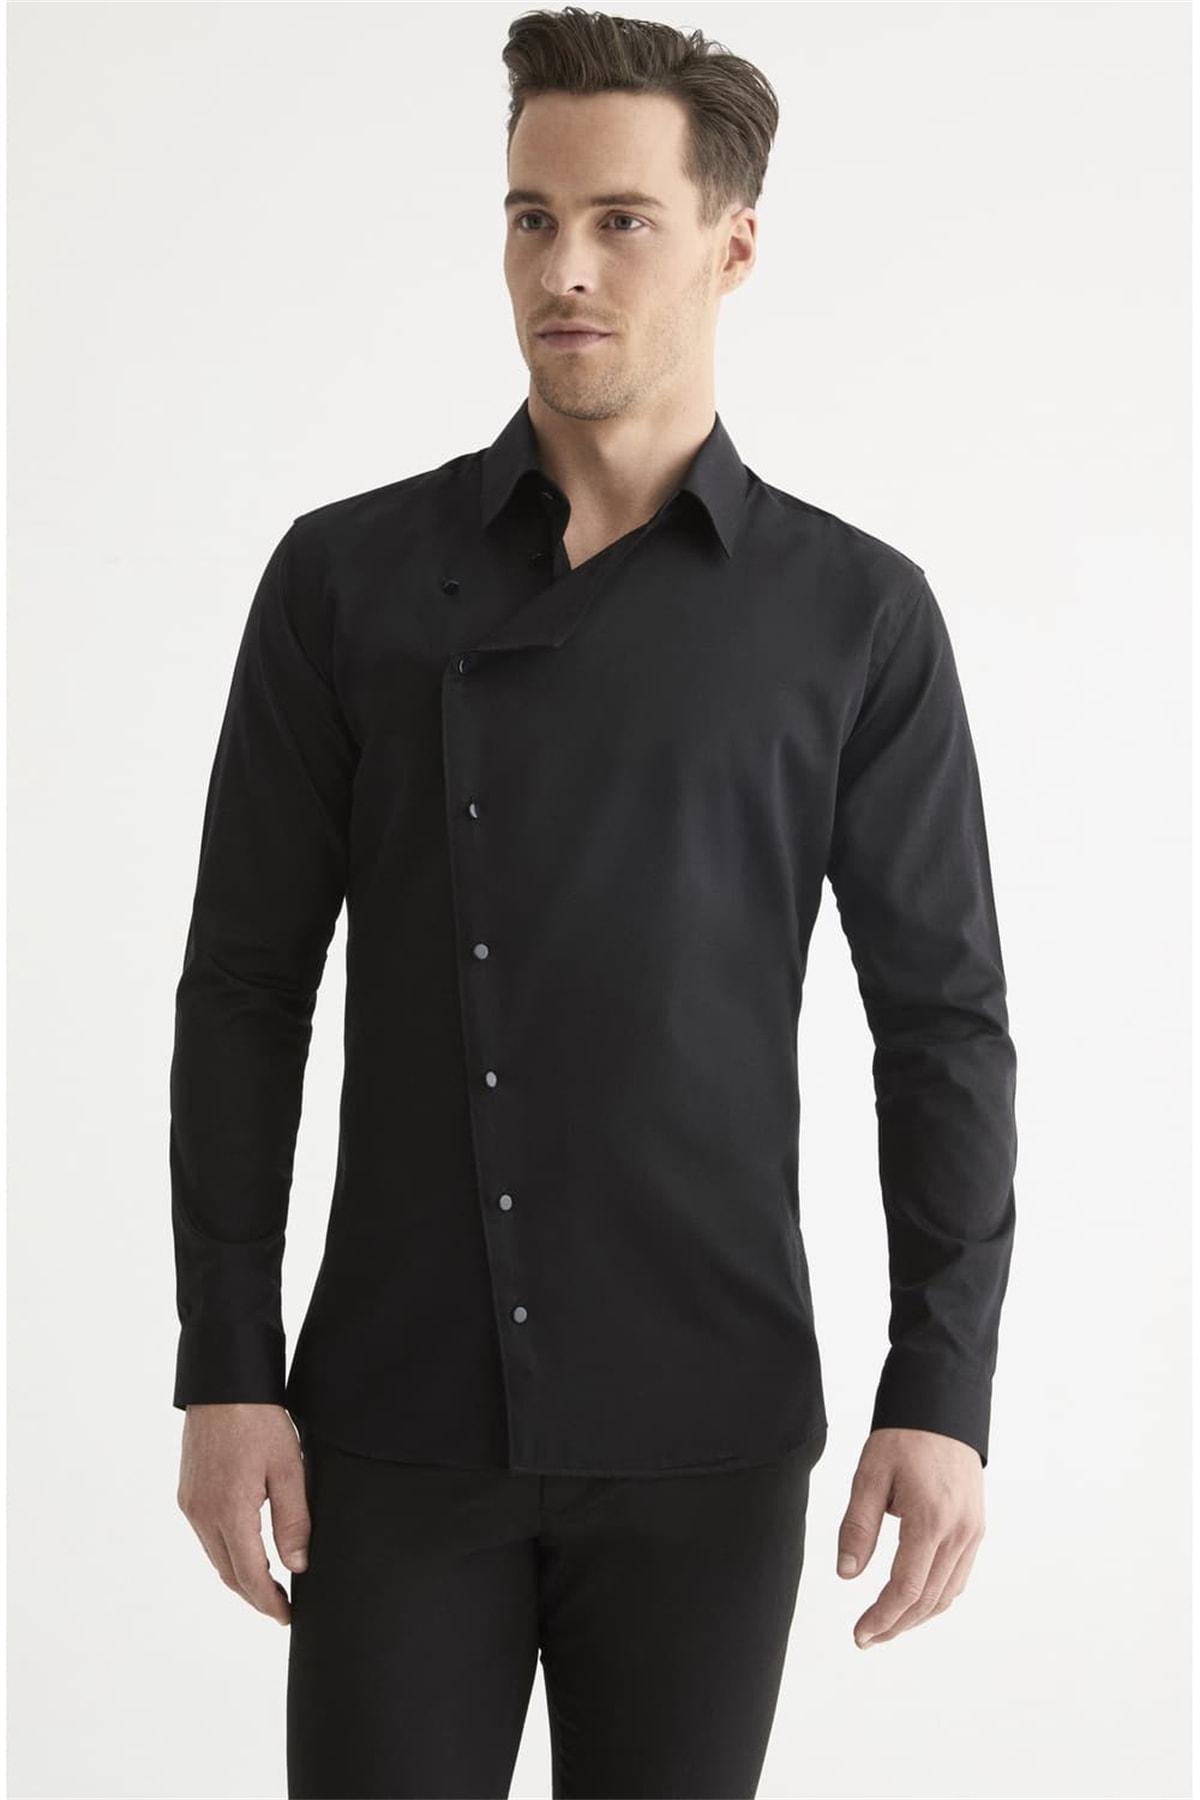 Efor G 1445 Slim Fit Siyah Spor Gömlek